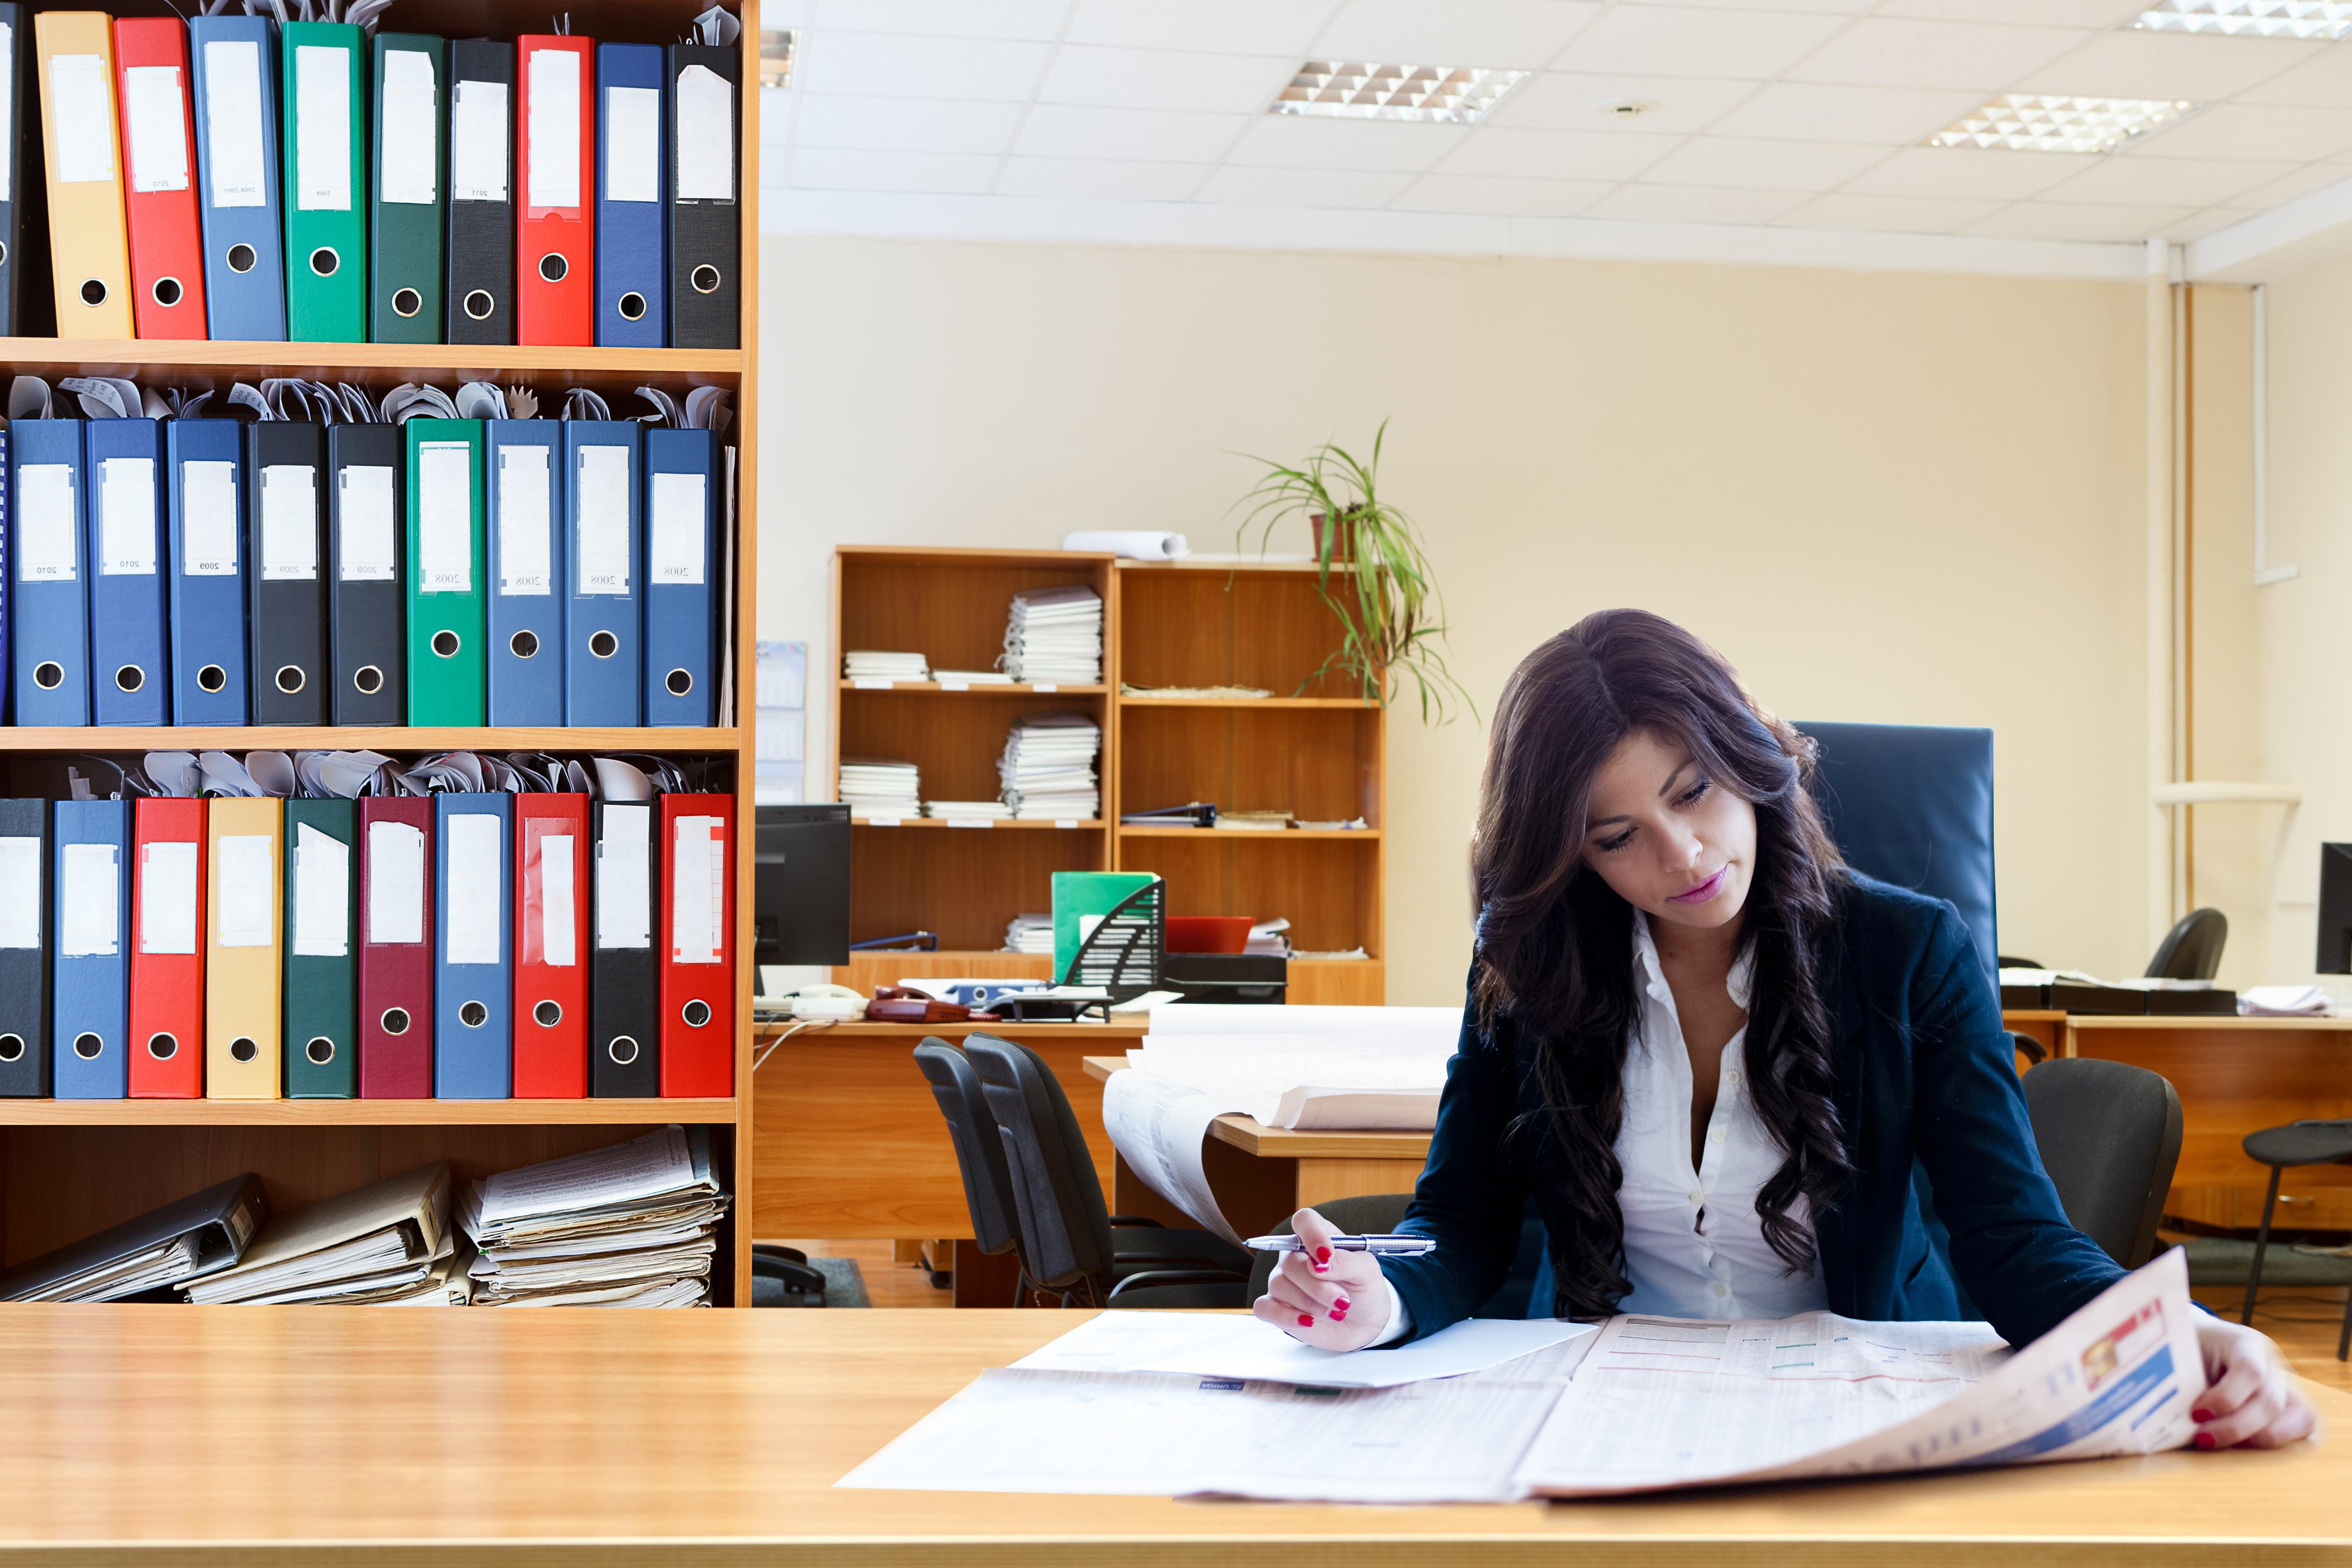 Gambar Penulisan Kerja Perusahaan Kamar Pendidikan Kelas Perpustakaan Desain Pengetahuan Wanita Bisnis 4549x3033 649372 Galeri Foto Pxhere